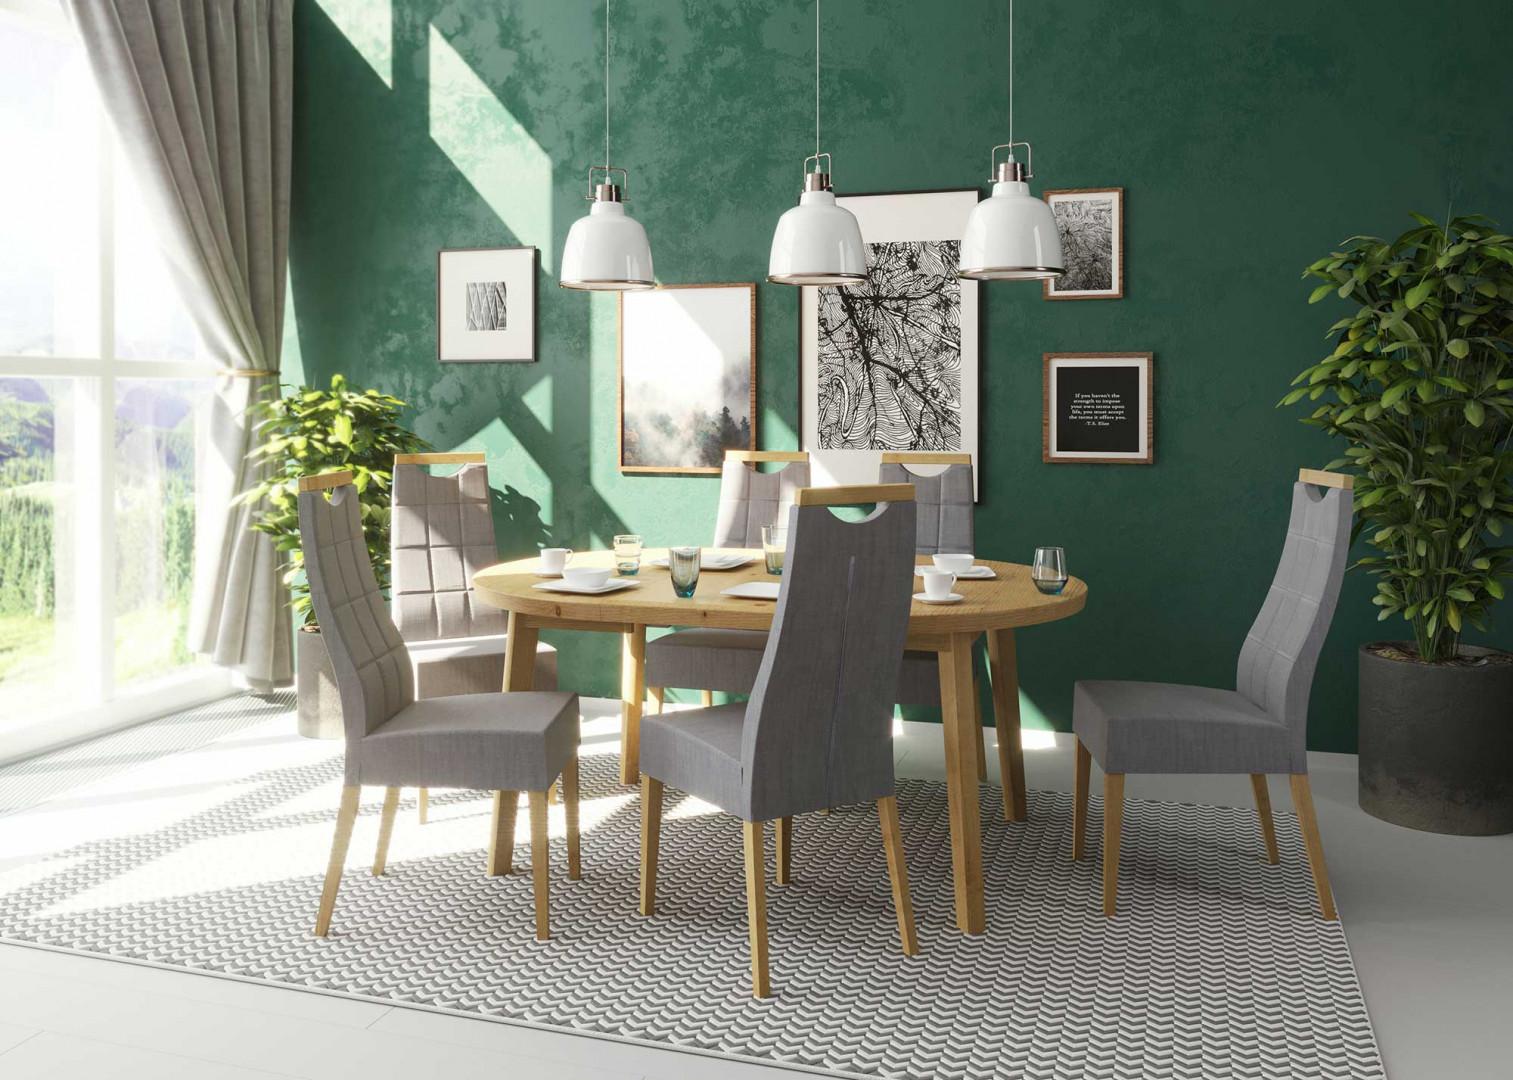 Stół Tondo i krzesła Arco. Fot. Paged